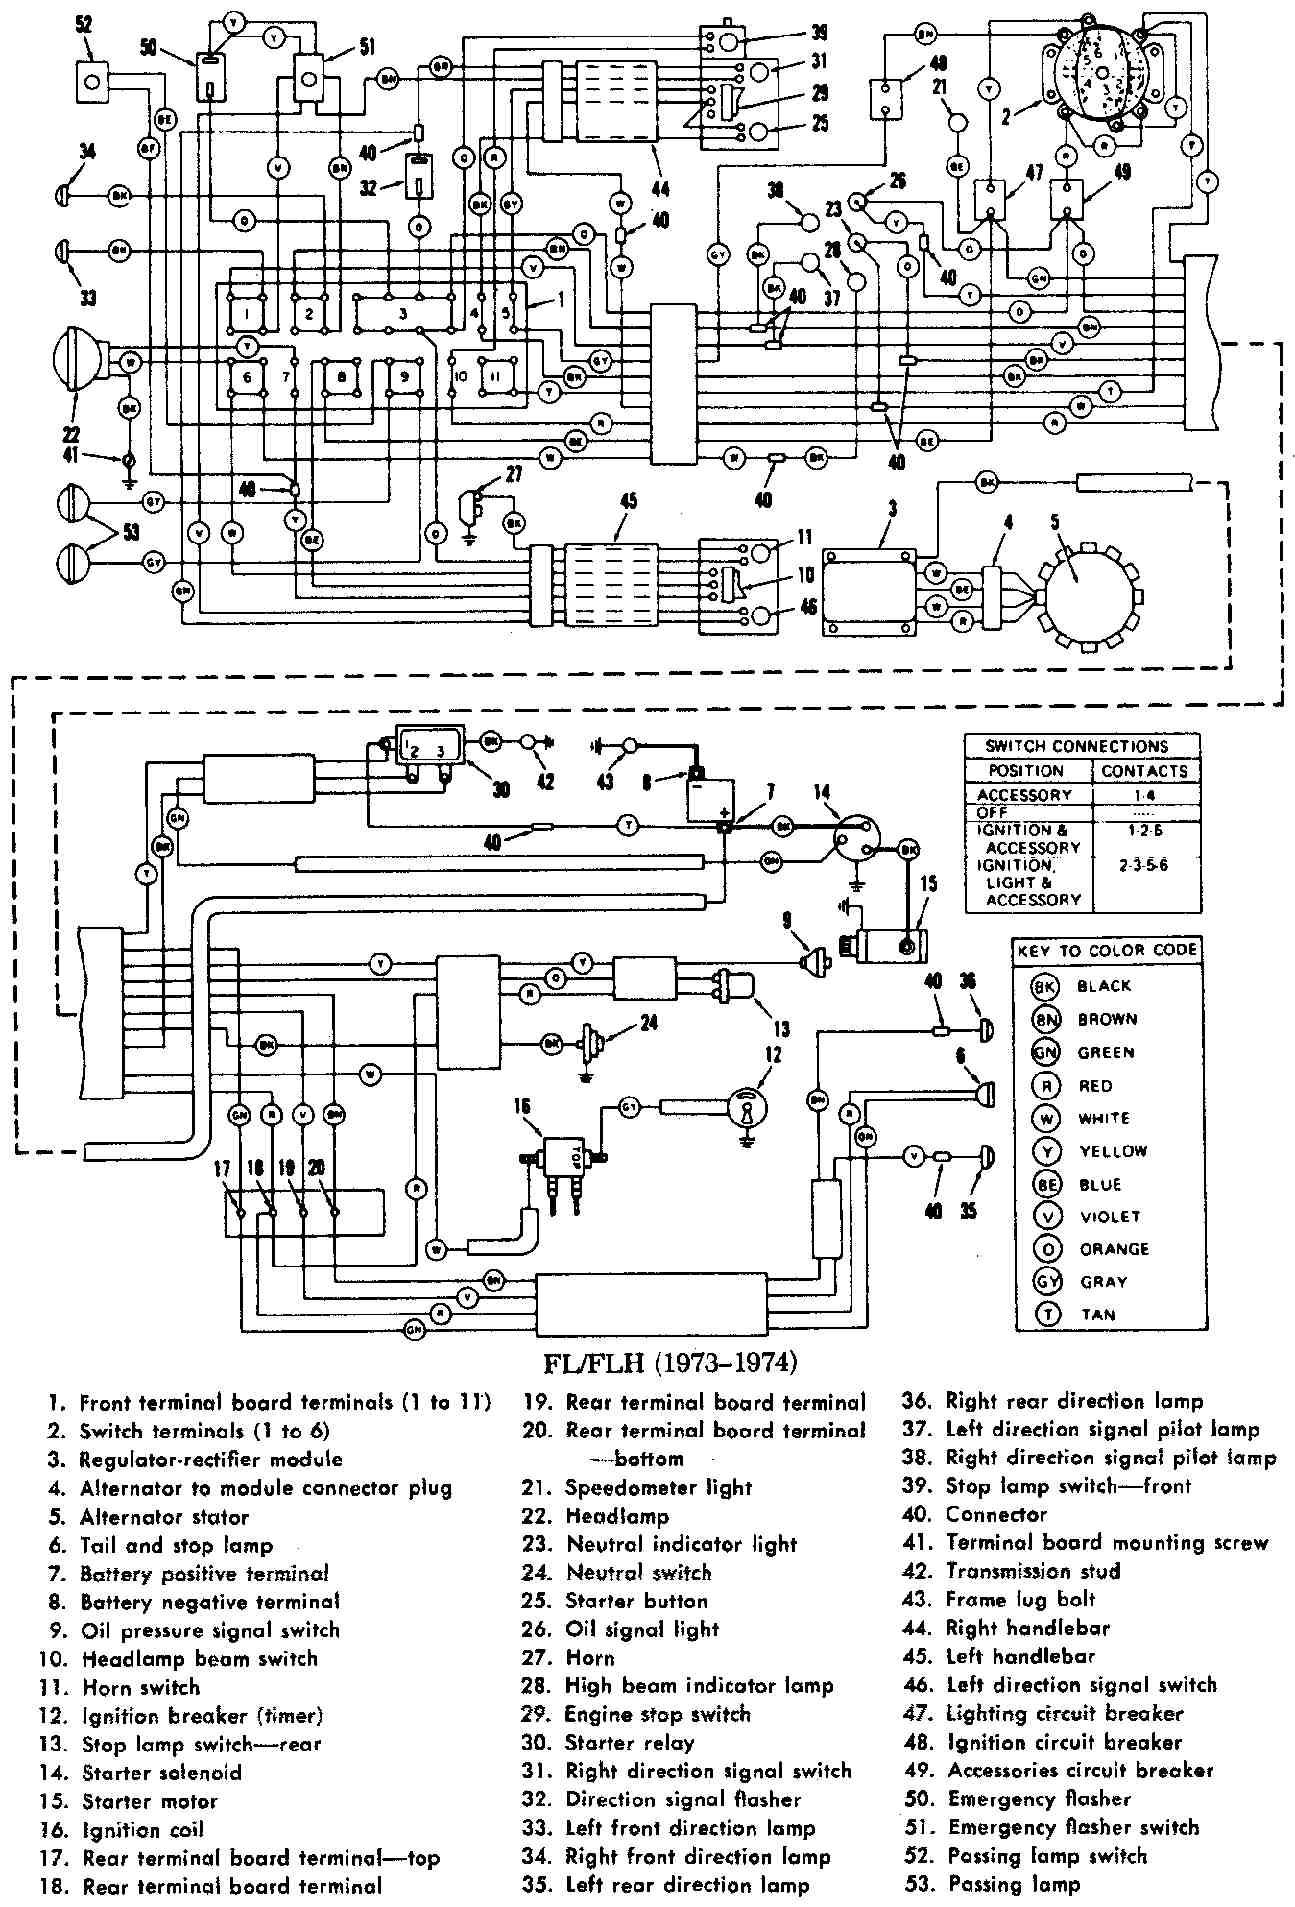 fxef wiring diagram schematic diagram fxef wiring diagram [ 1295 x 1907 Pixel ]